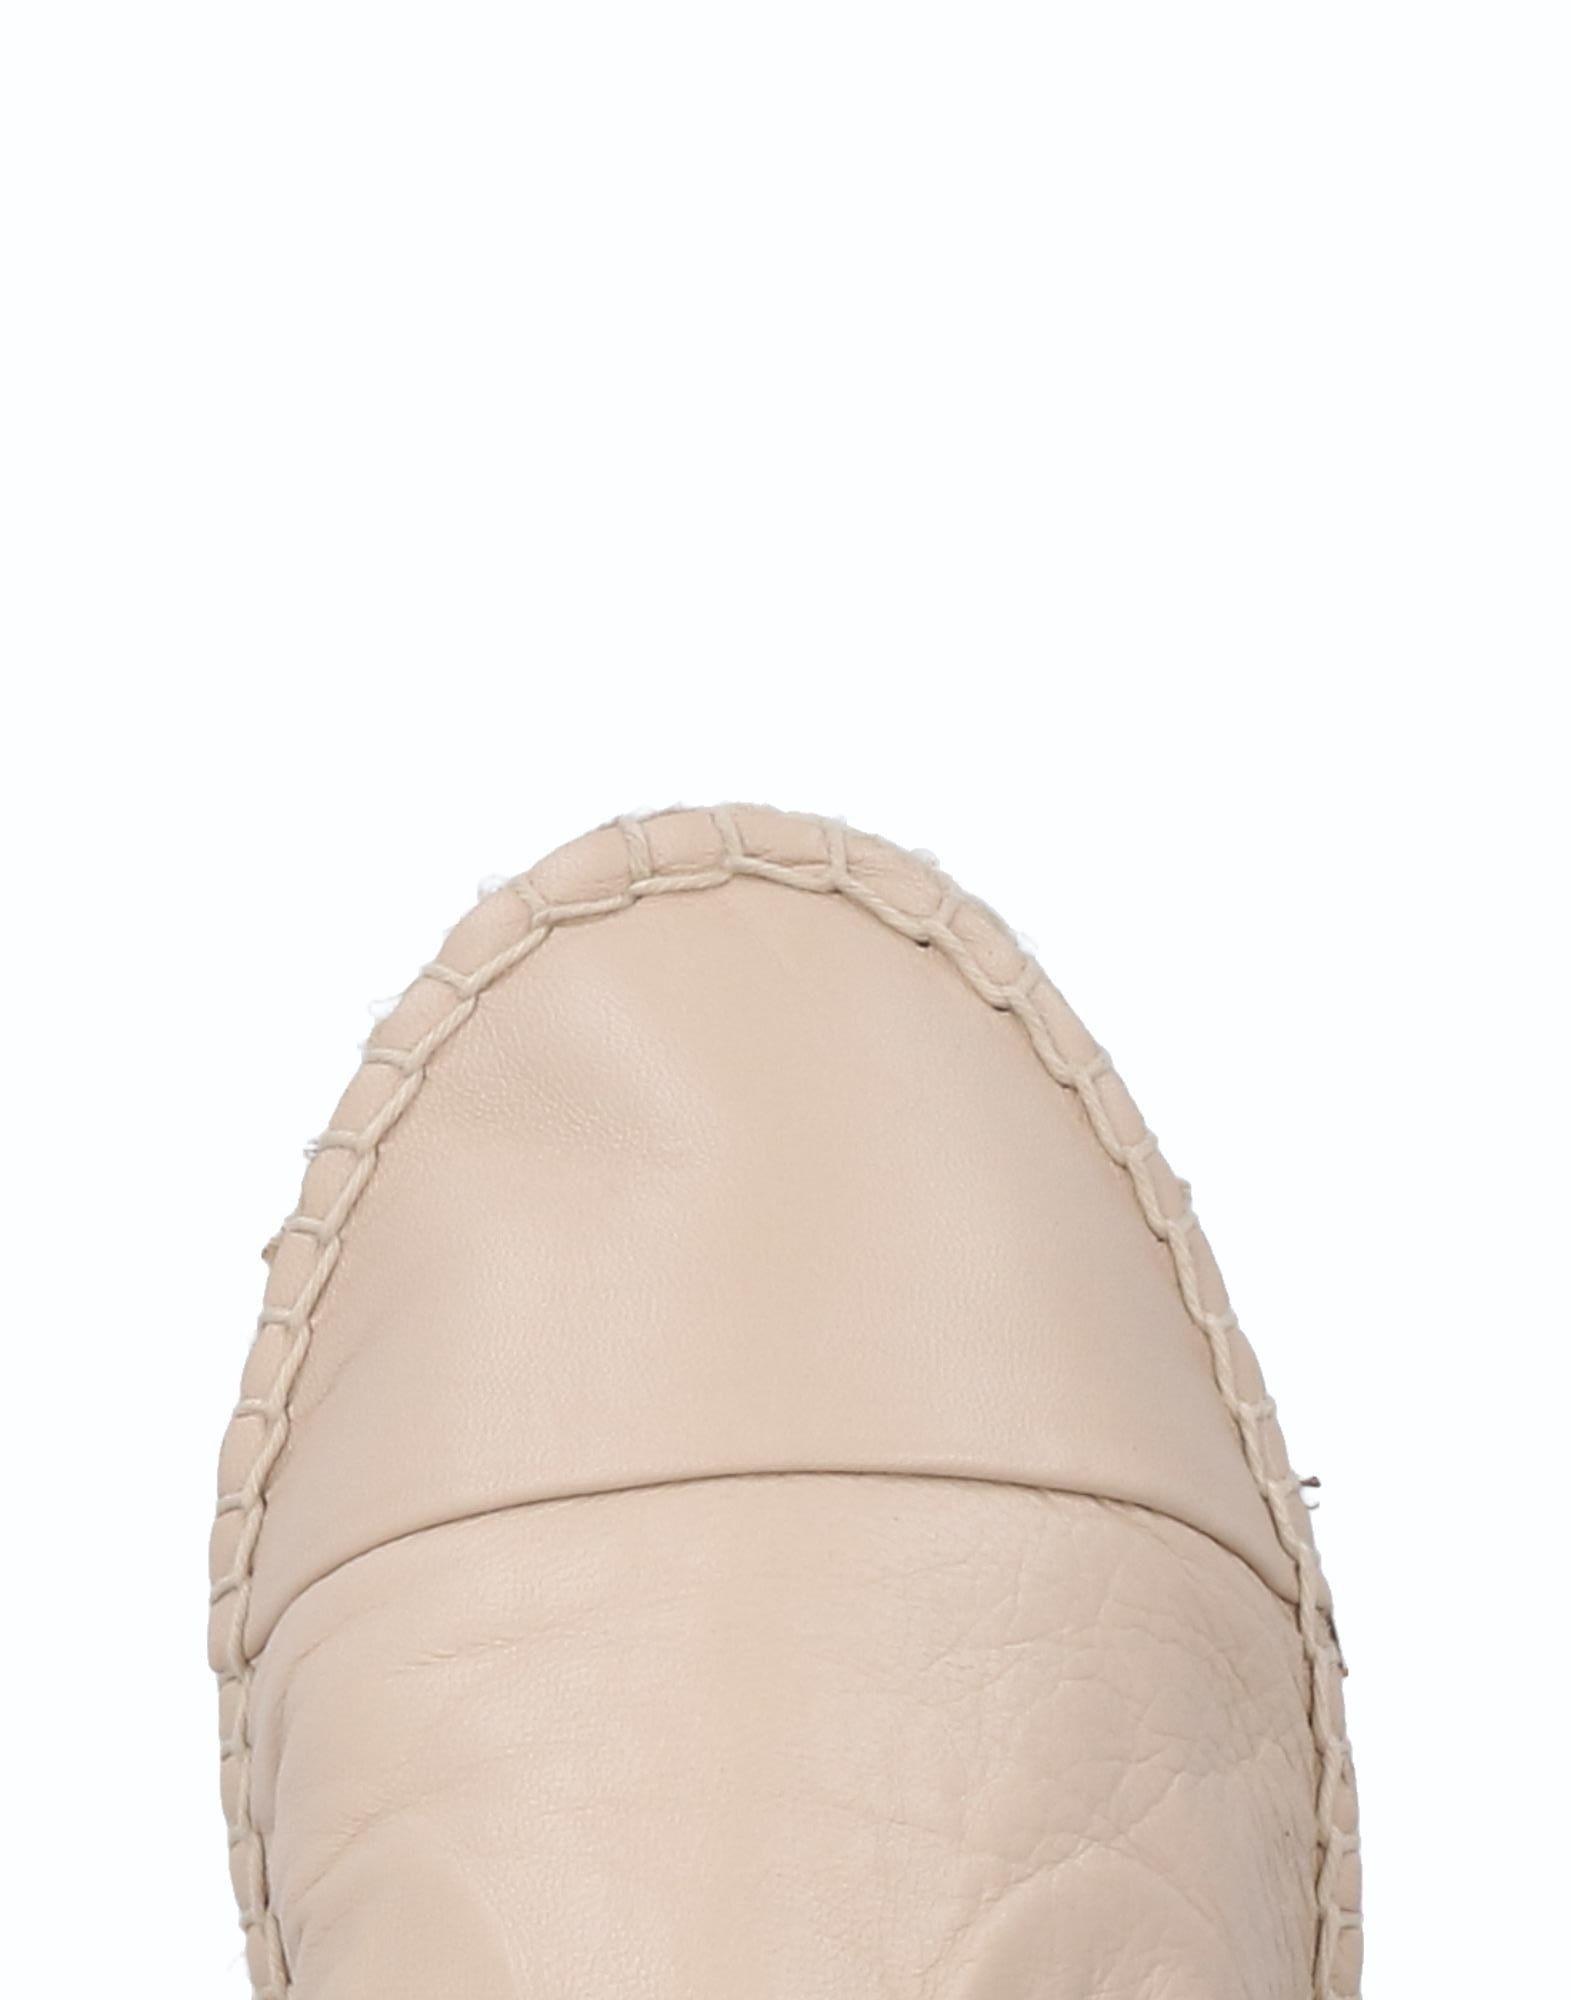 Carmen Saiz Espadrilles Damen  11506428VS Gute Qualität beliebte beliebte beliebte Schuhe 41a9d6